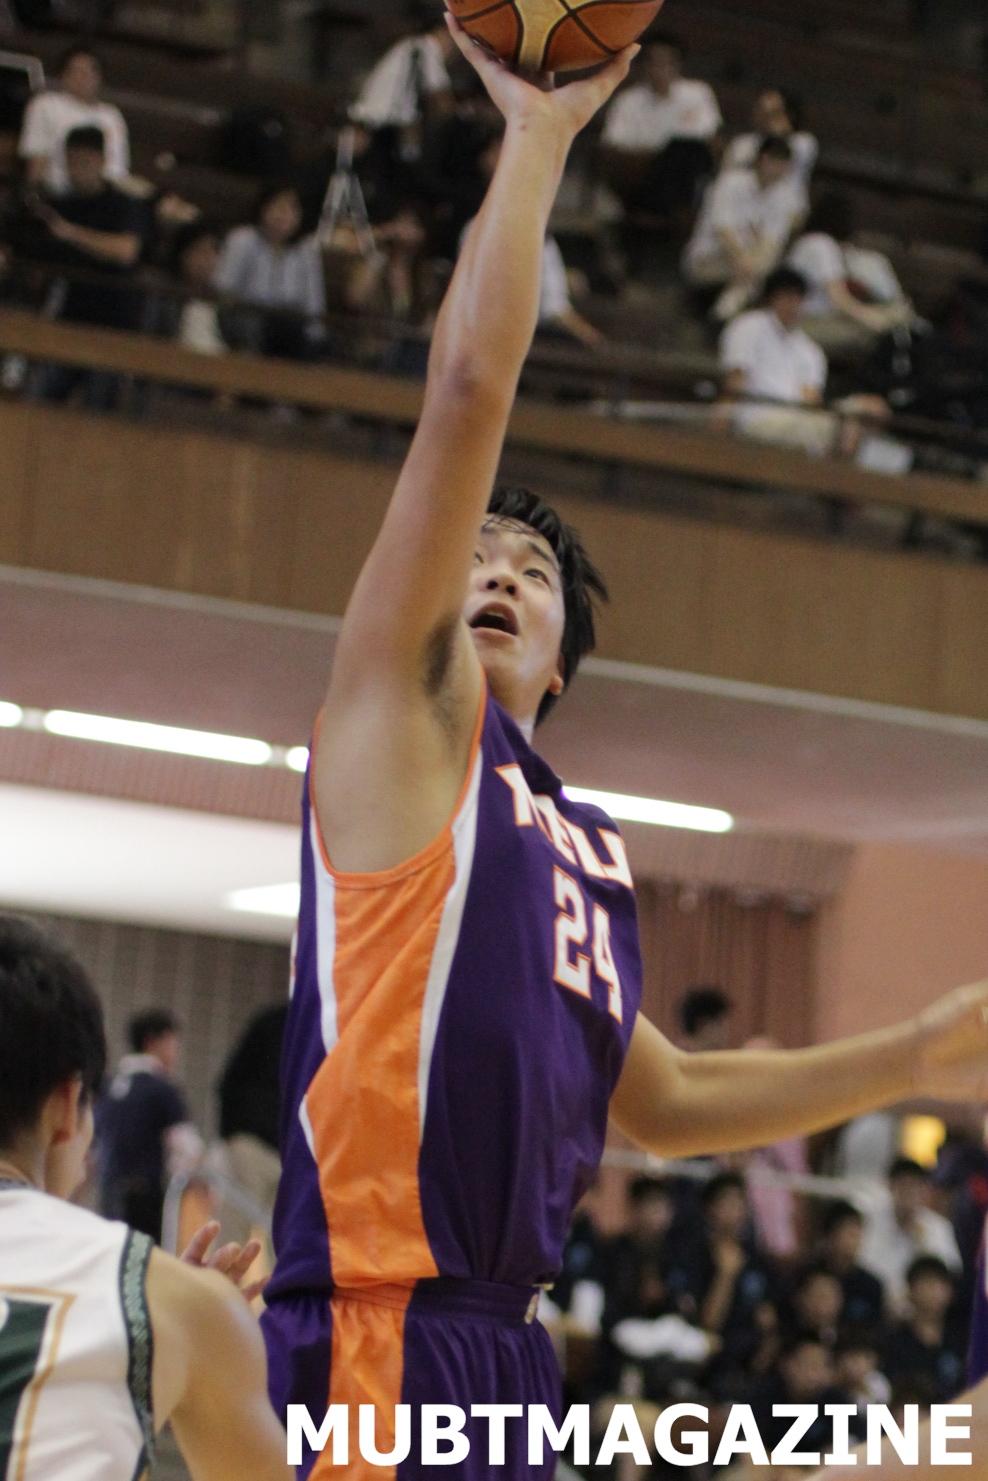 20151018_moriyama2